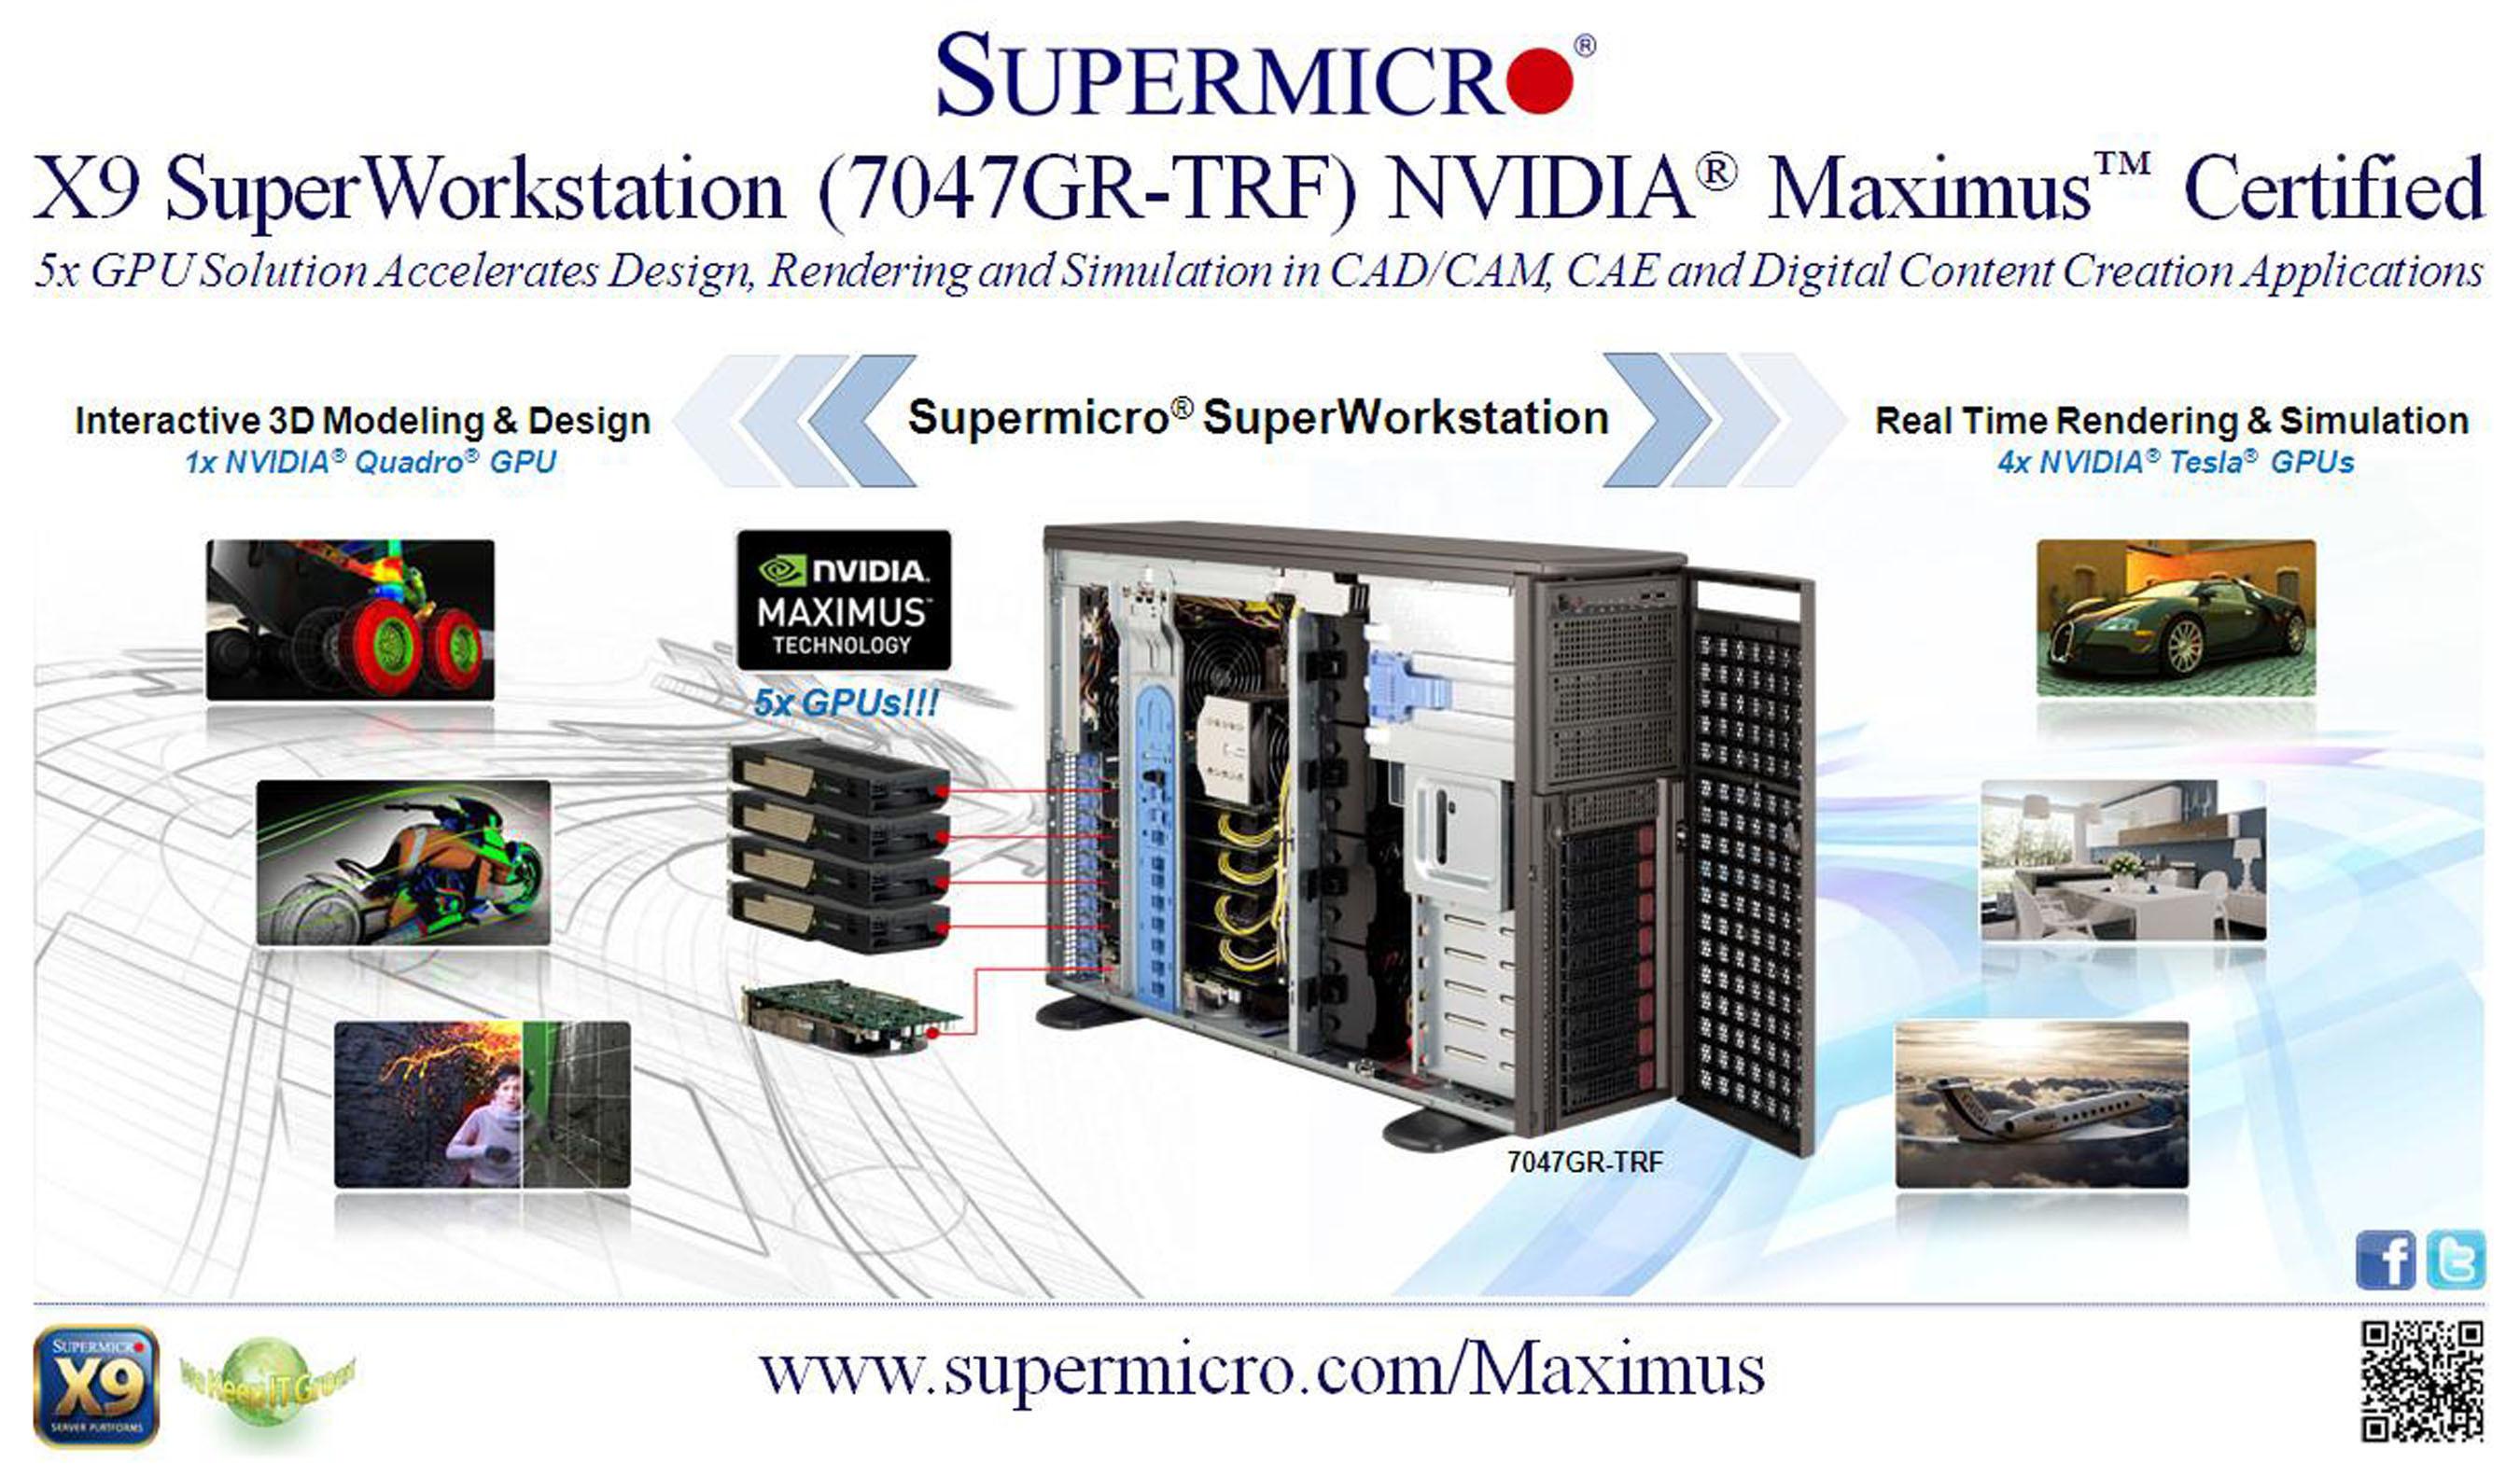 Le poste de travail SuperWorkstation X9 5 GPU de Supermicro® propose des performances maximales